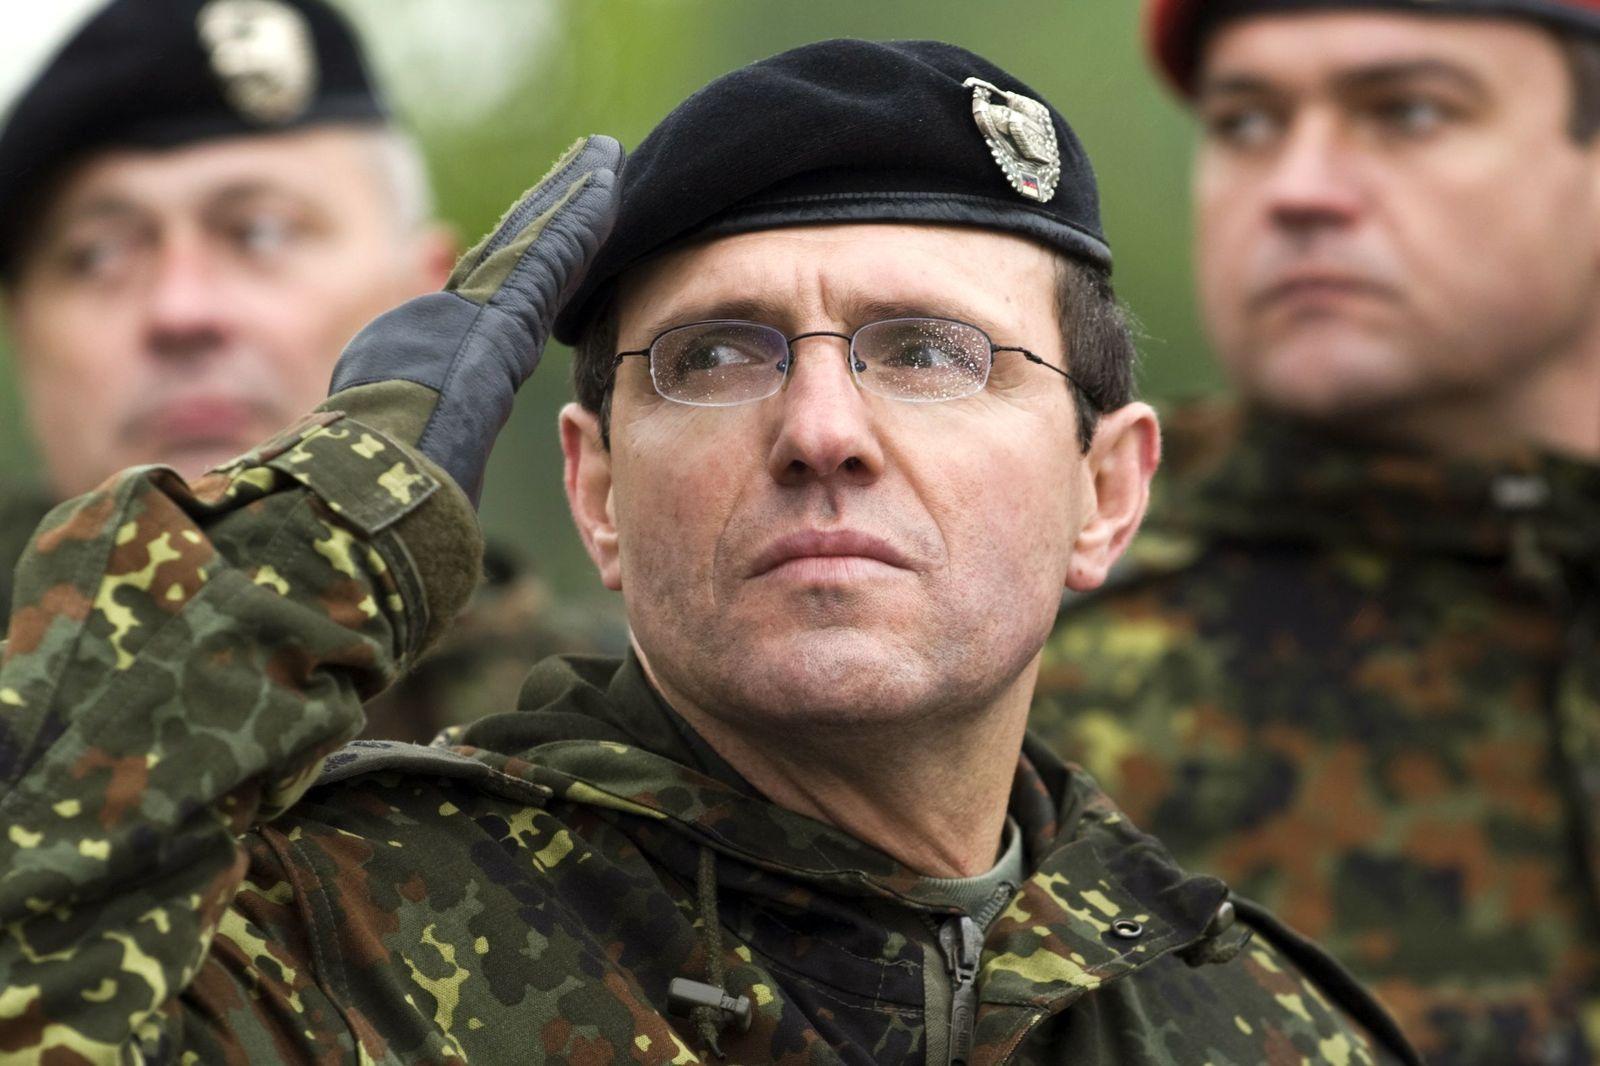 NICHT VERWENDEN Rueckkehrappell der 13. Panzergrenadierdivision